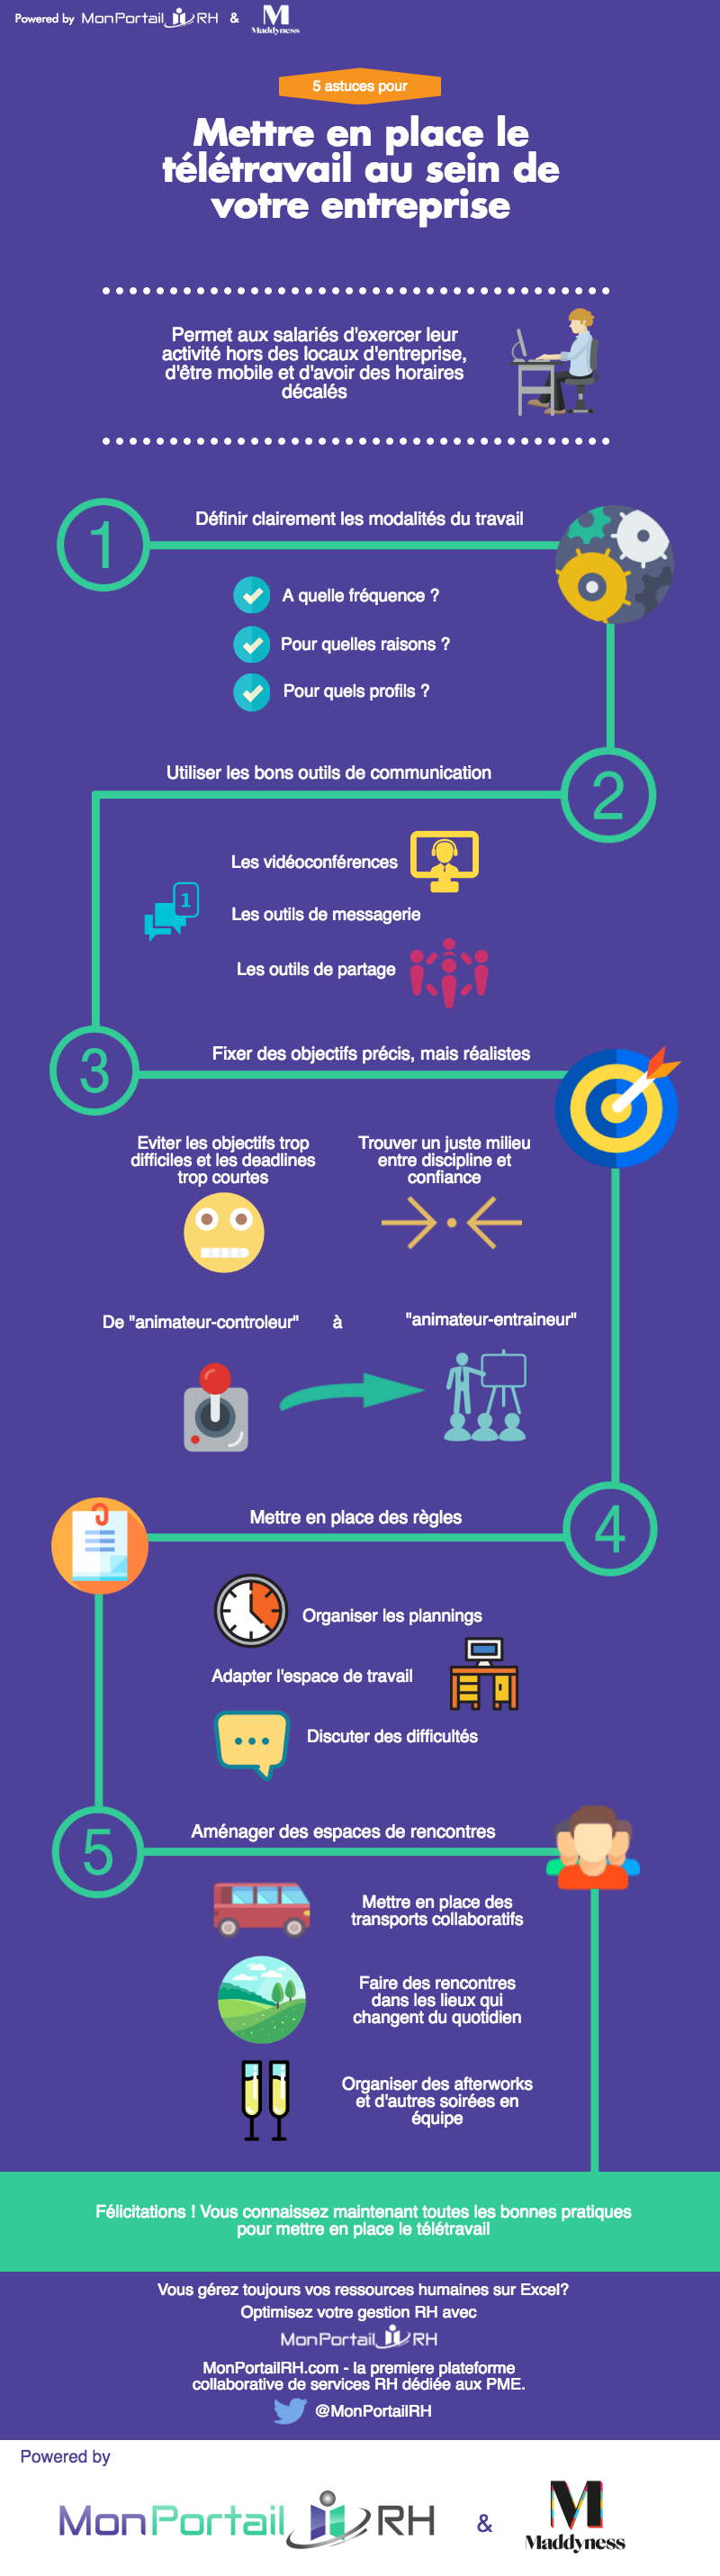 Infographie - 5 astuces pour Mettre en place le teletravail au sein de votre entreprise